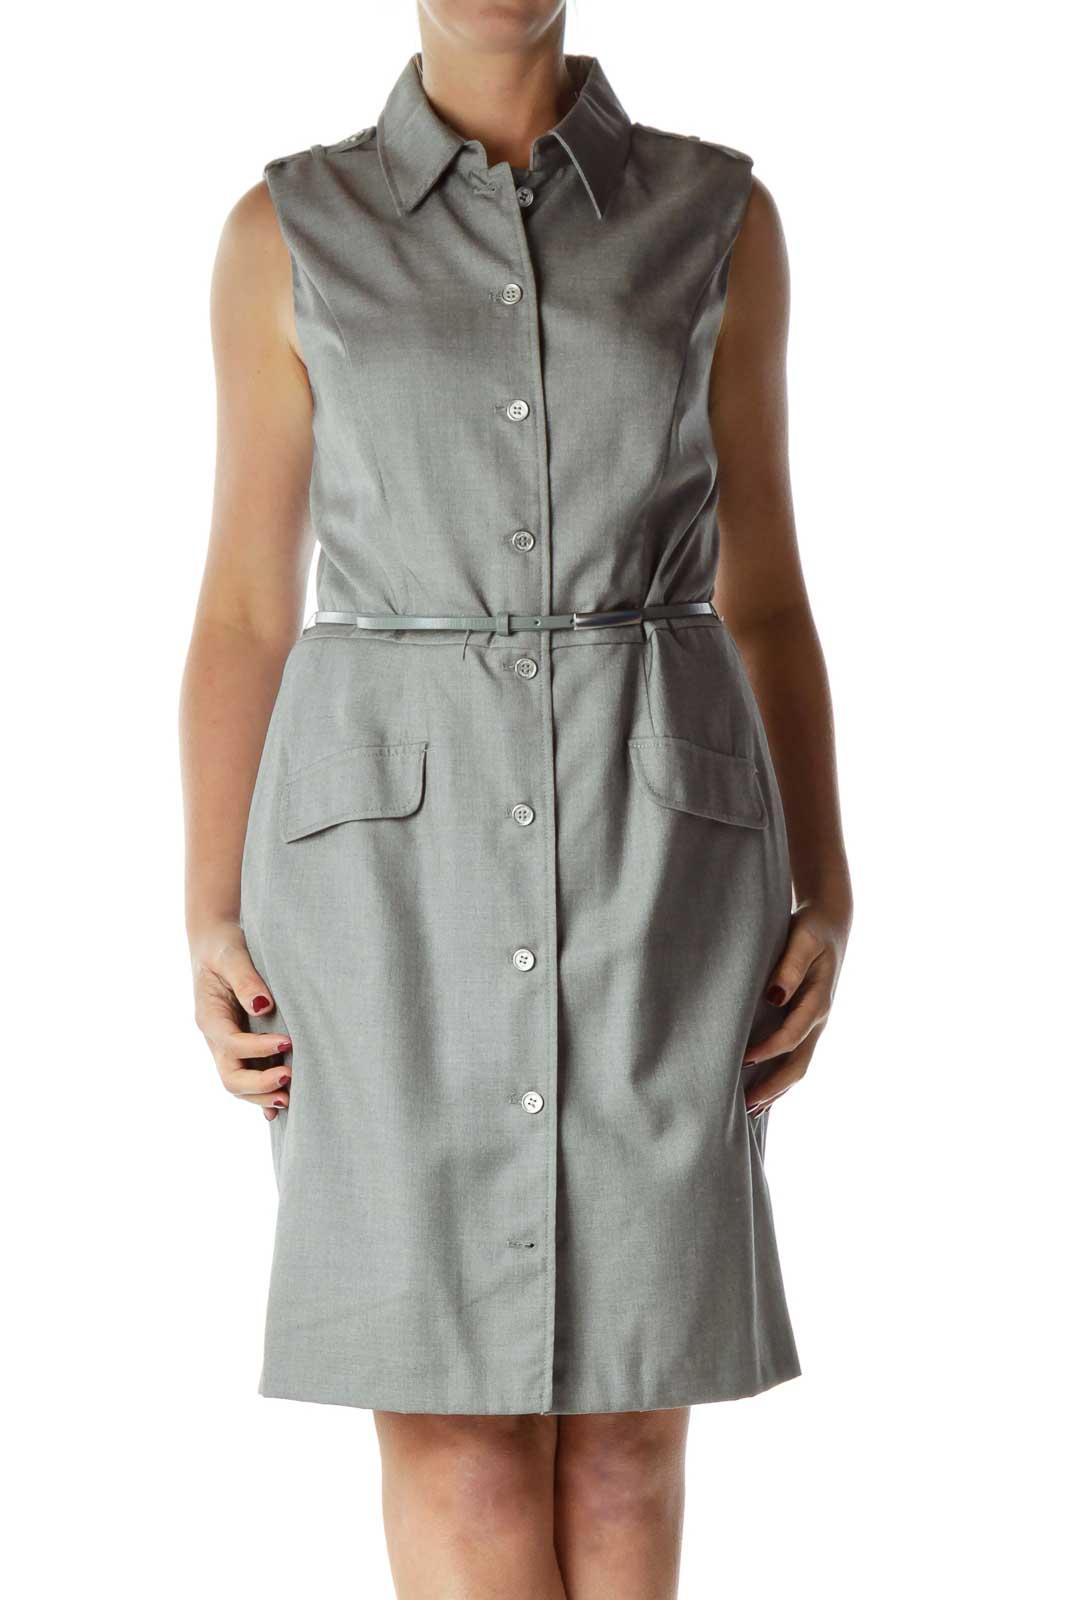 Gray Sleeveless Buttoned Work Dress